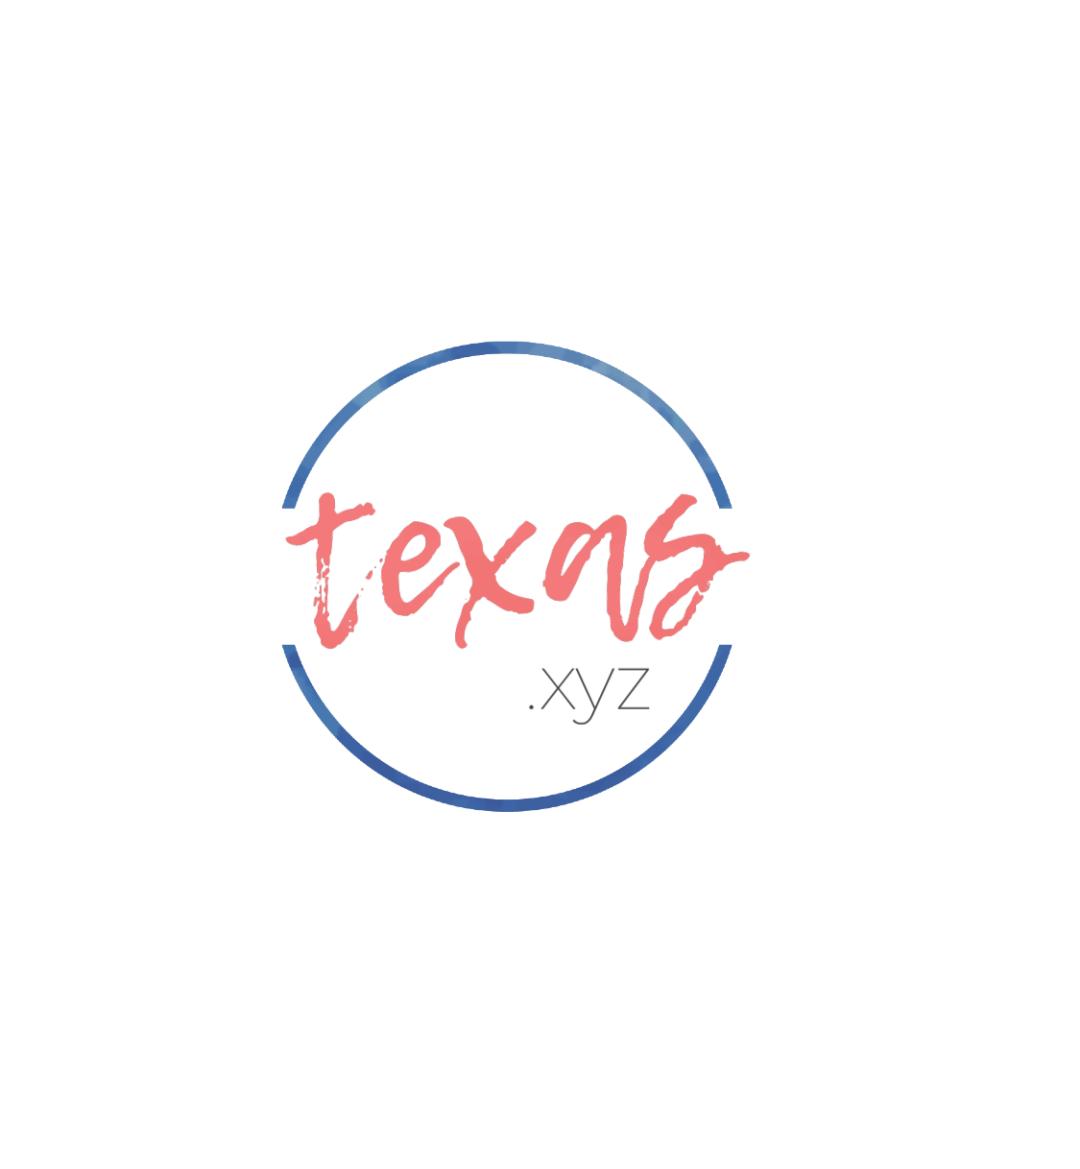 Texas.xyz